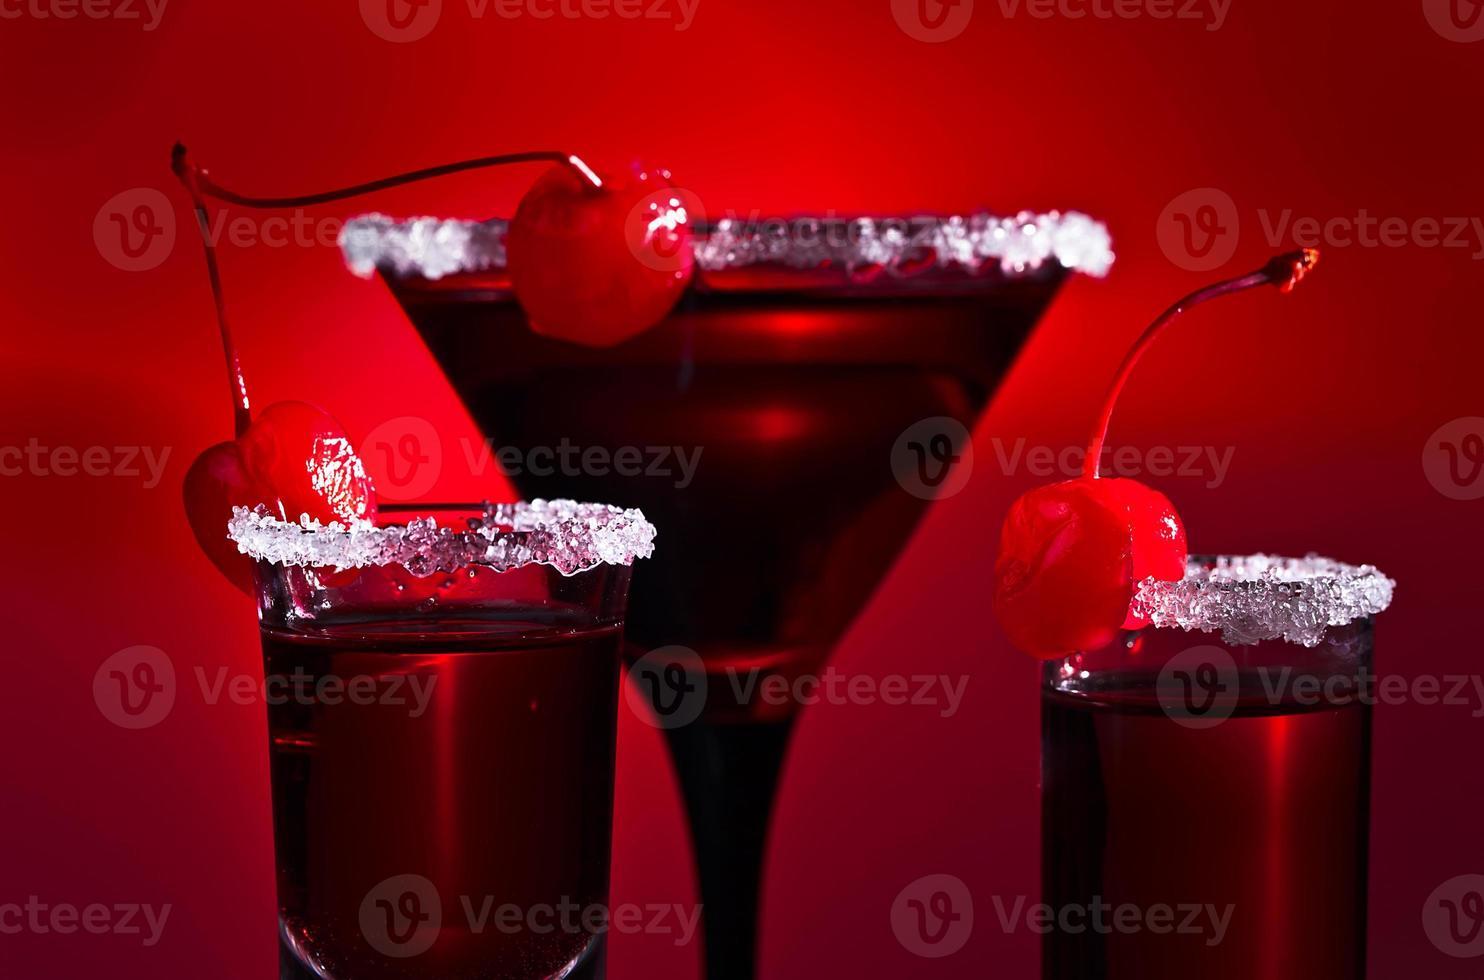 bebidas alcohólicas con cereza foto